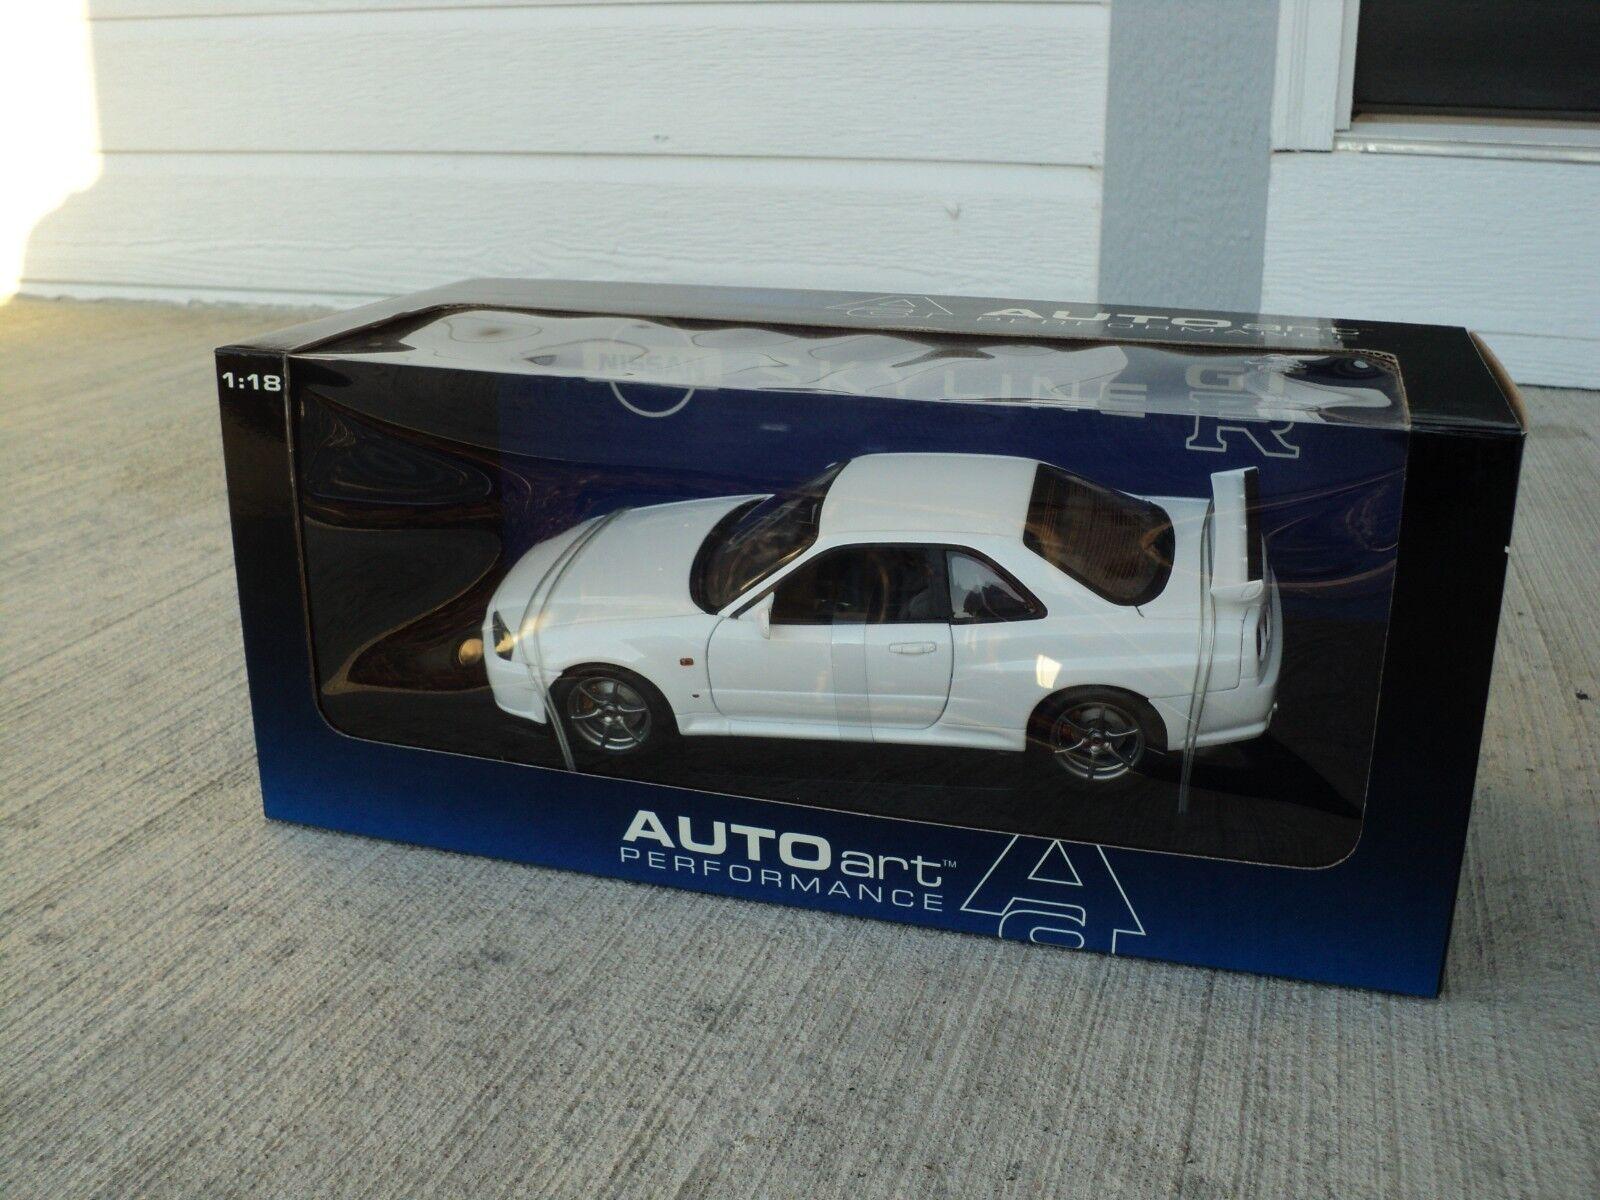 1:18 Autoart Nissan Skyline GT-R V-Spec R34